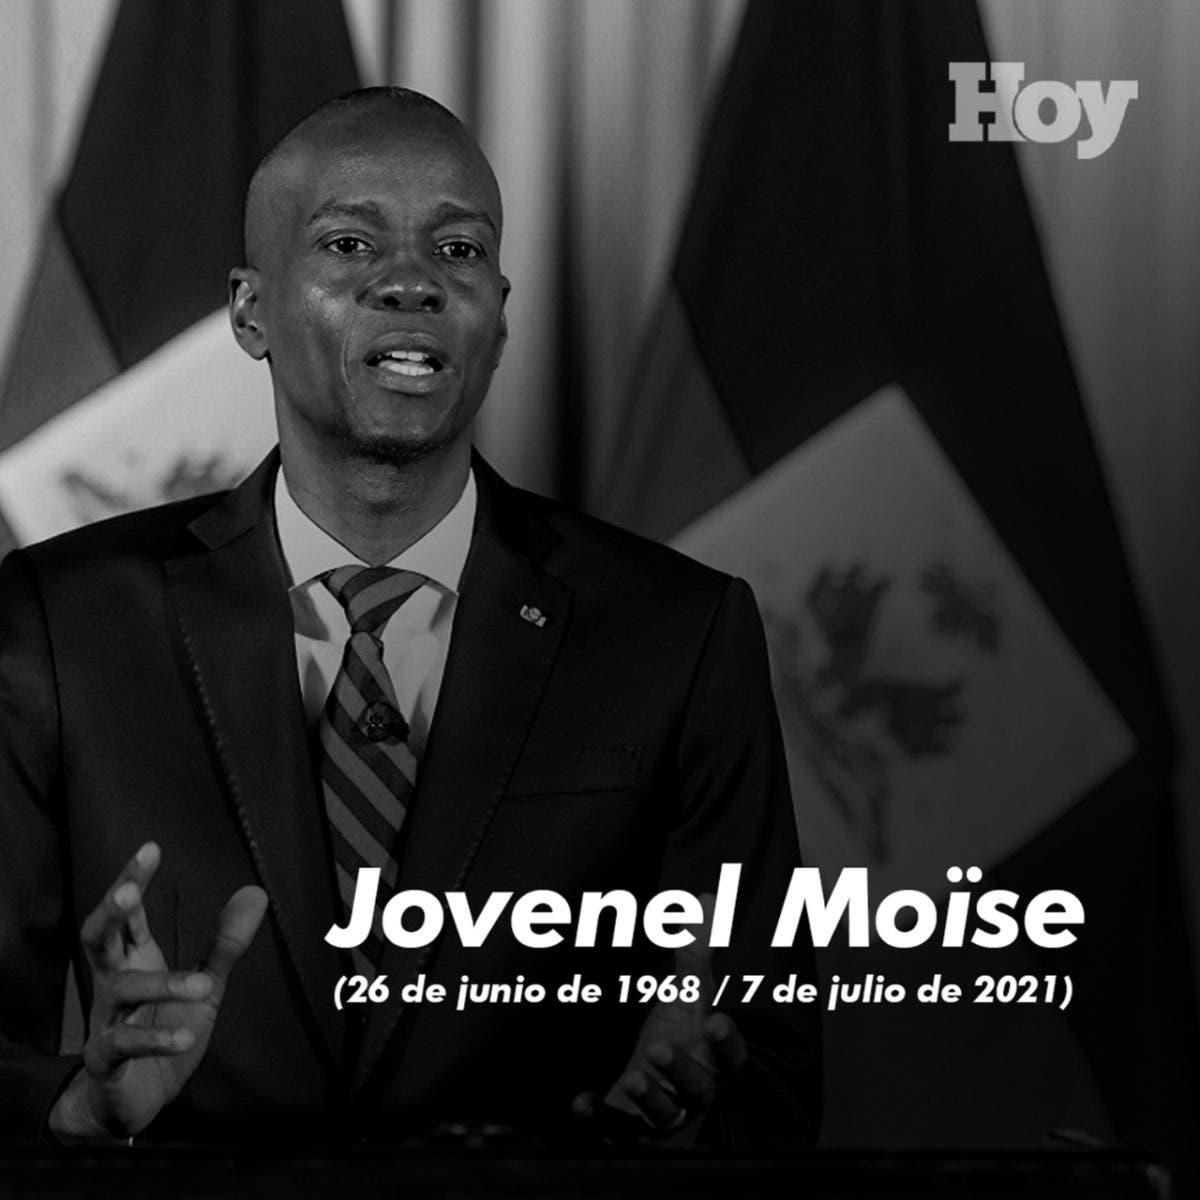 ¿Quién mató a Jovenel Moise?